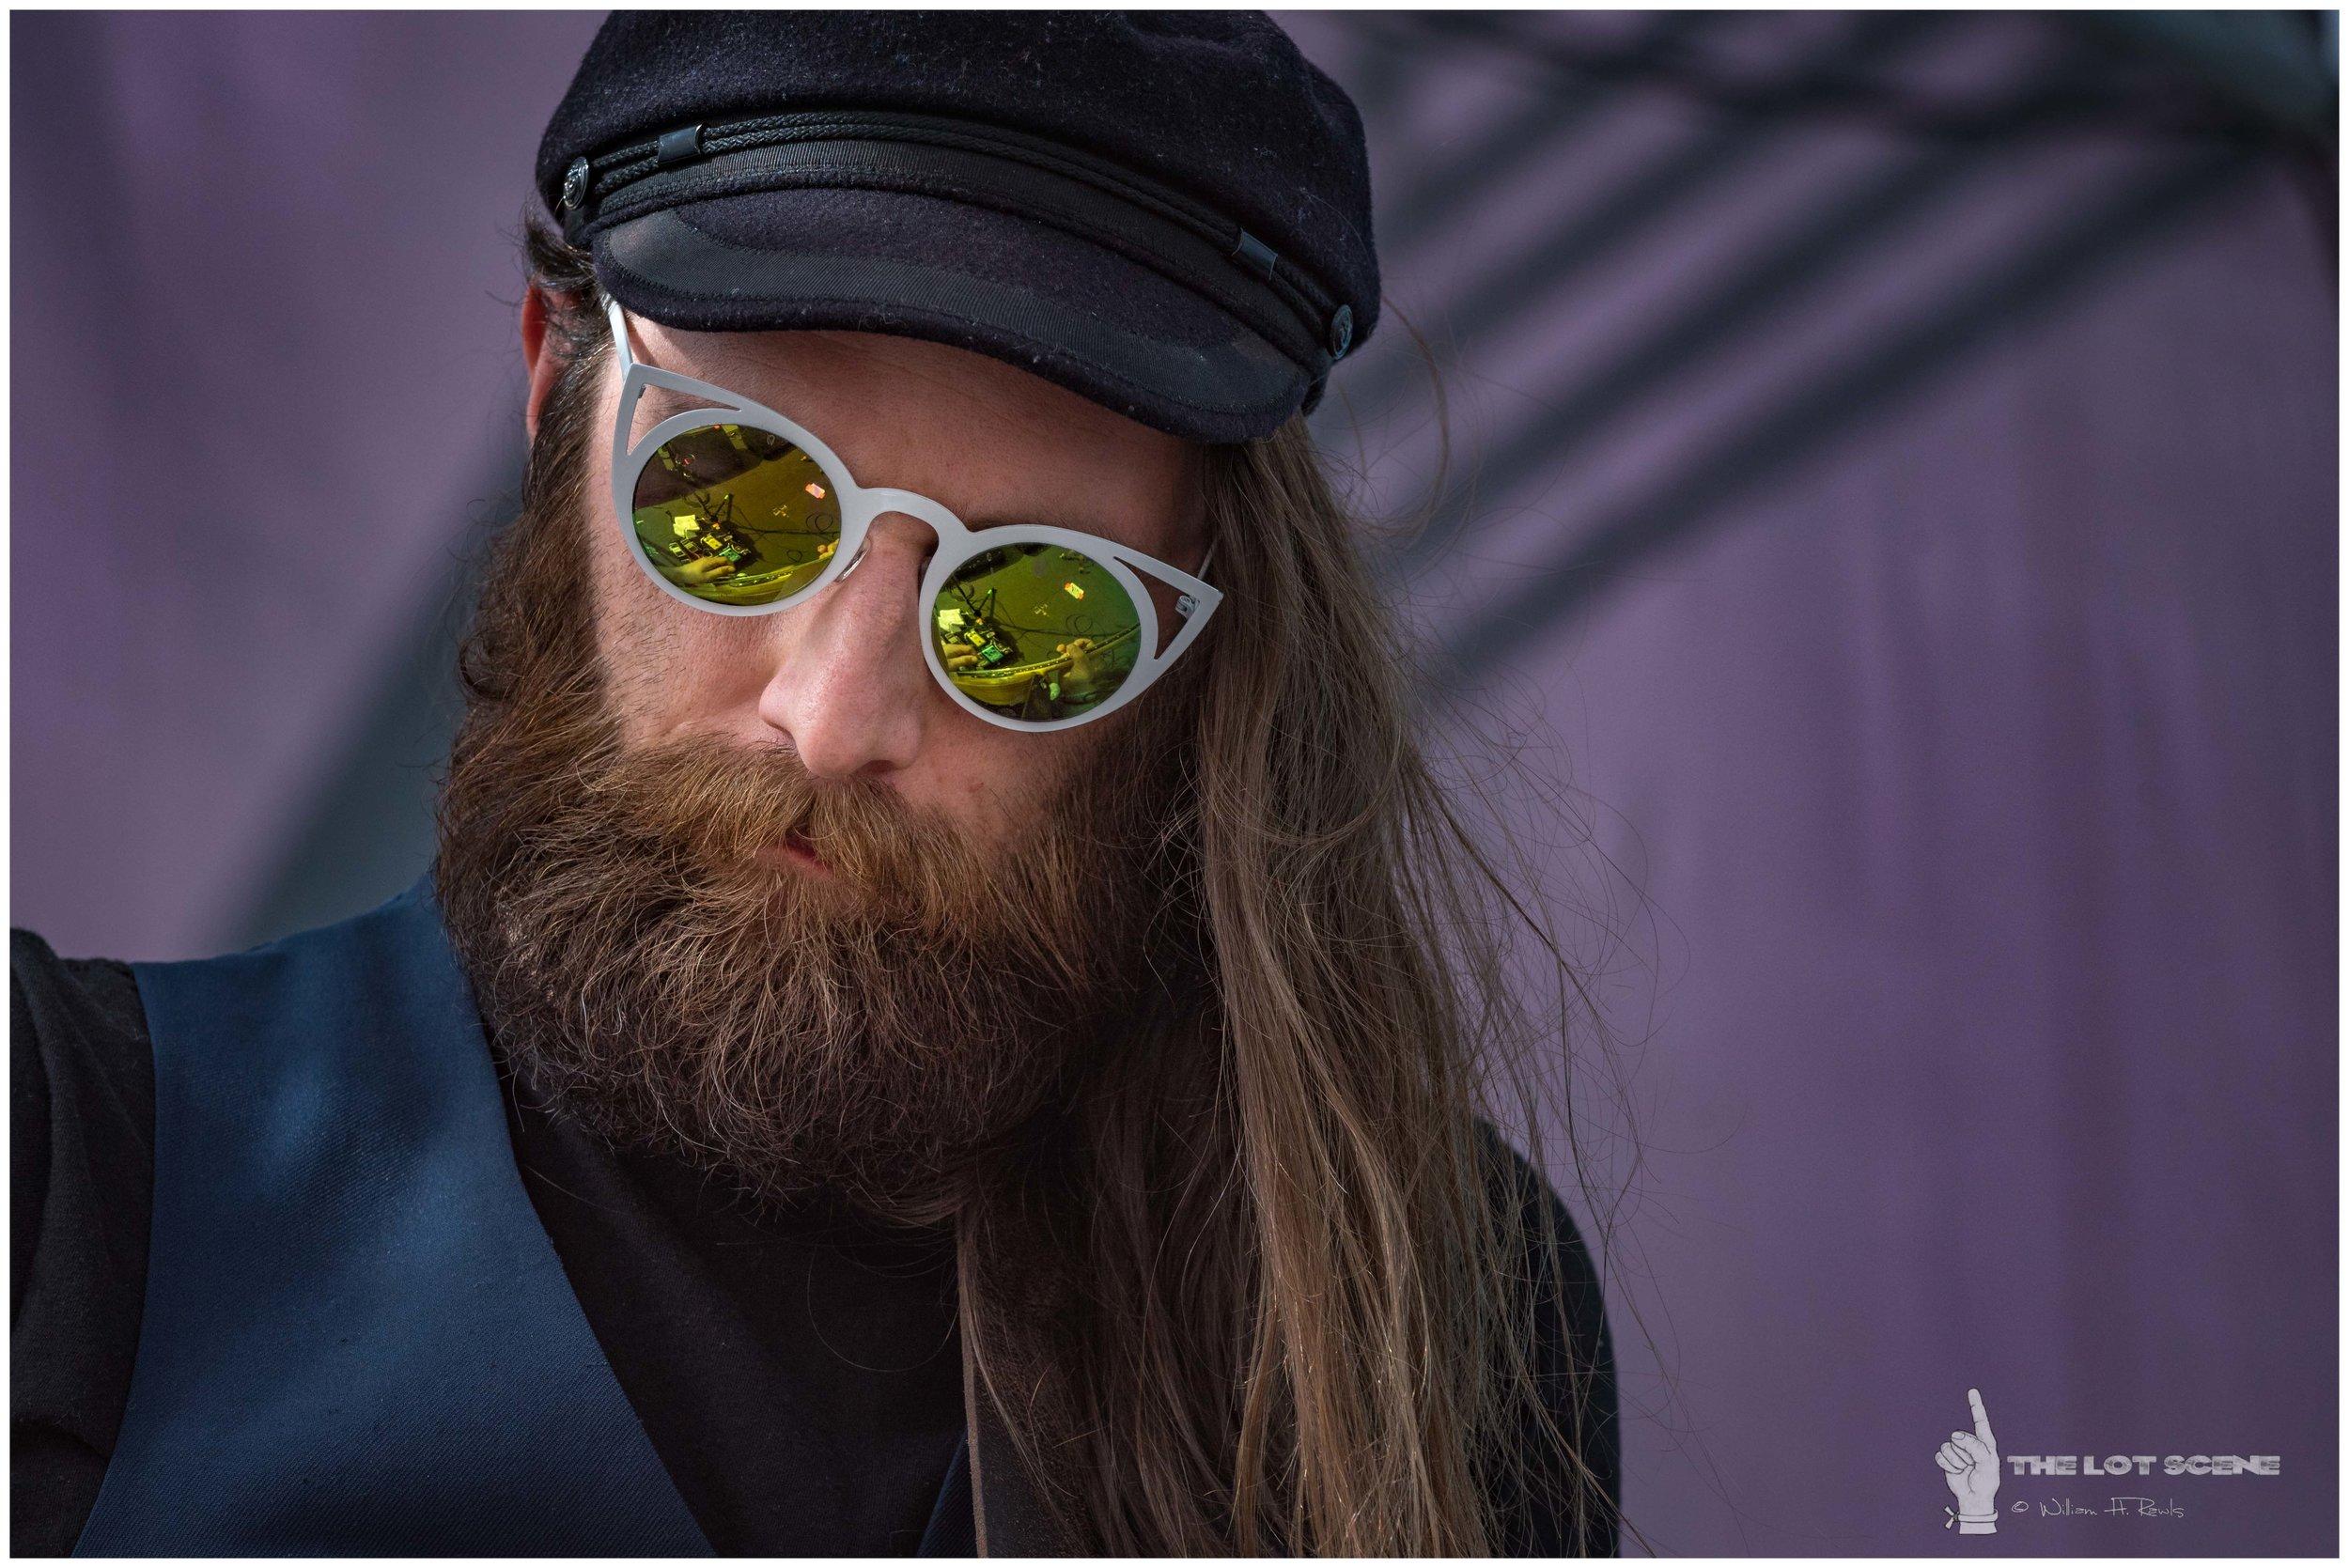 Bender Jamboree 2018 - The Shook Twins - 7.jpg